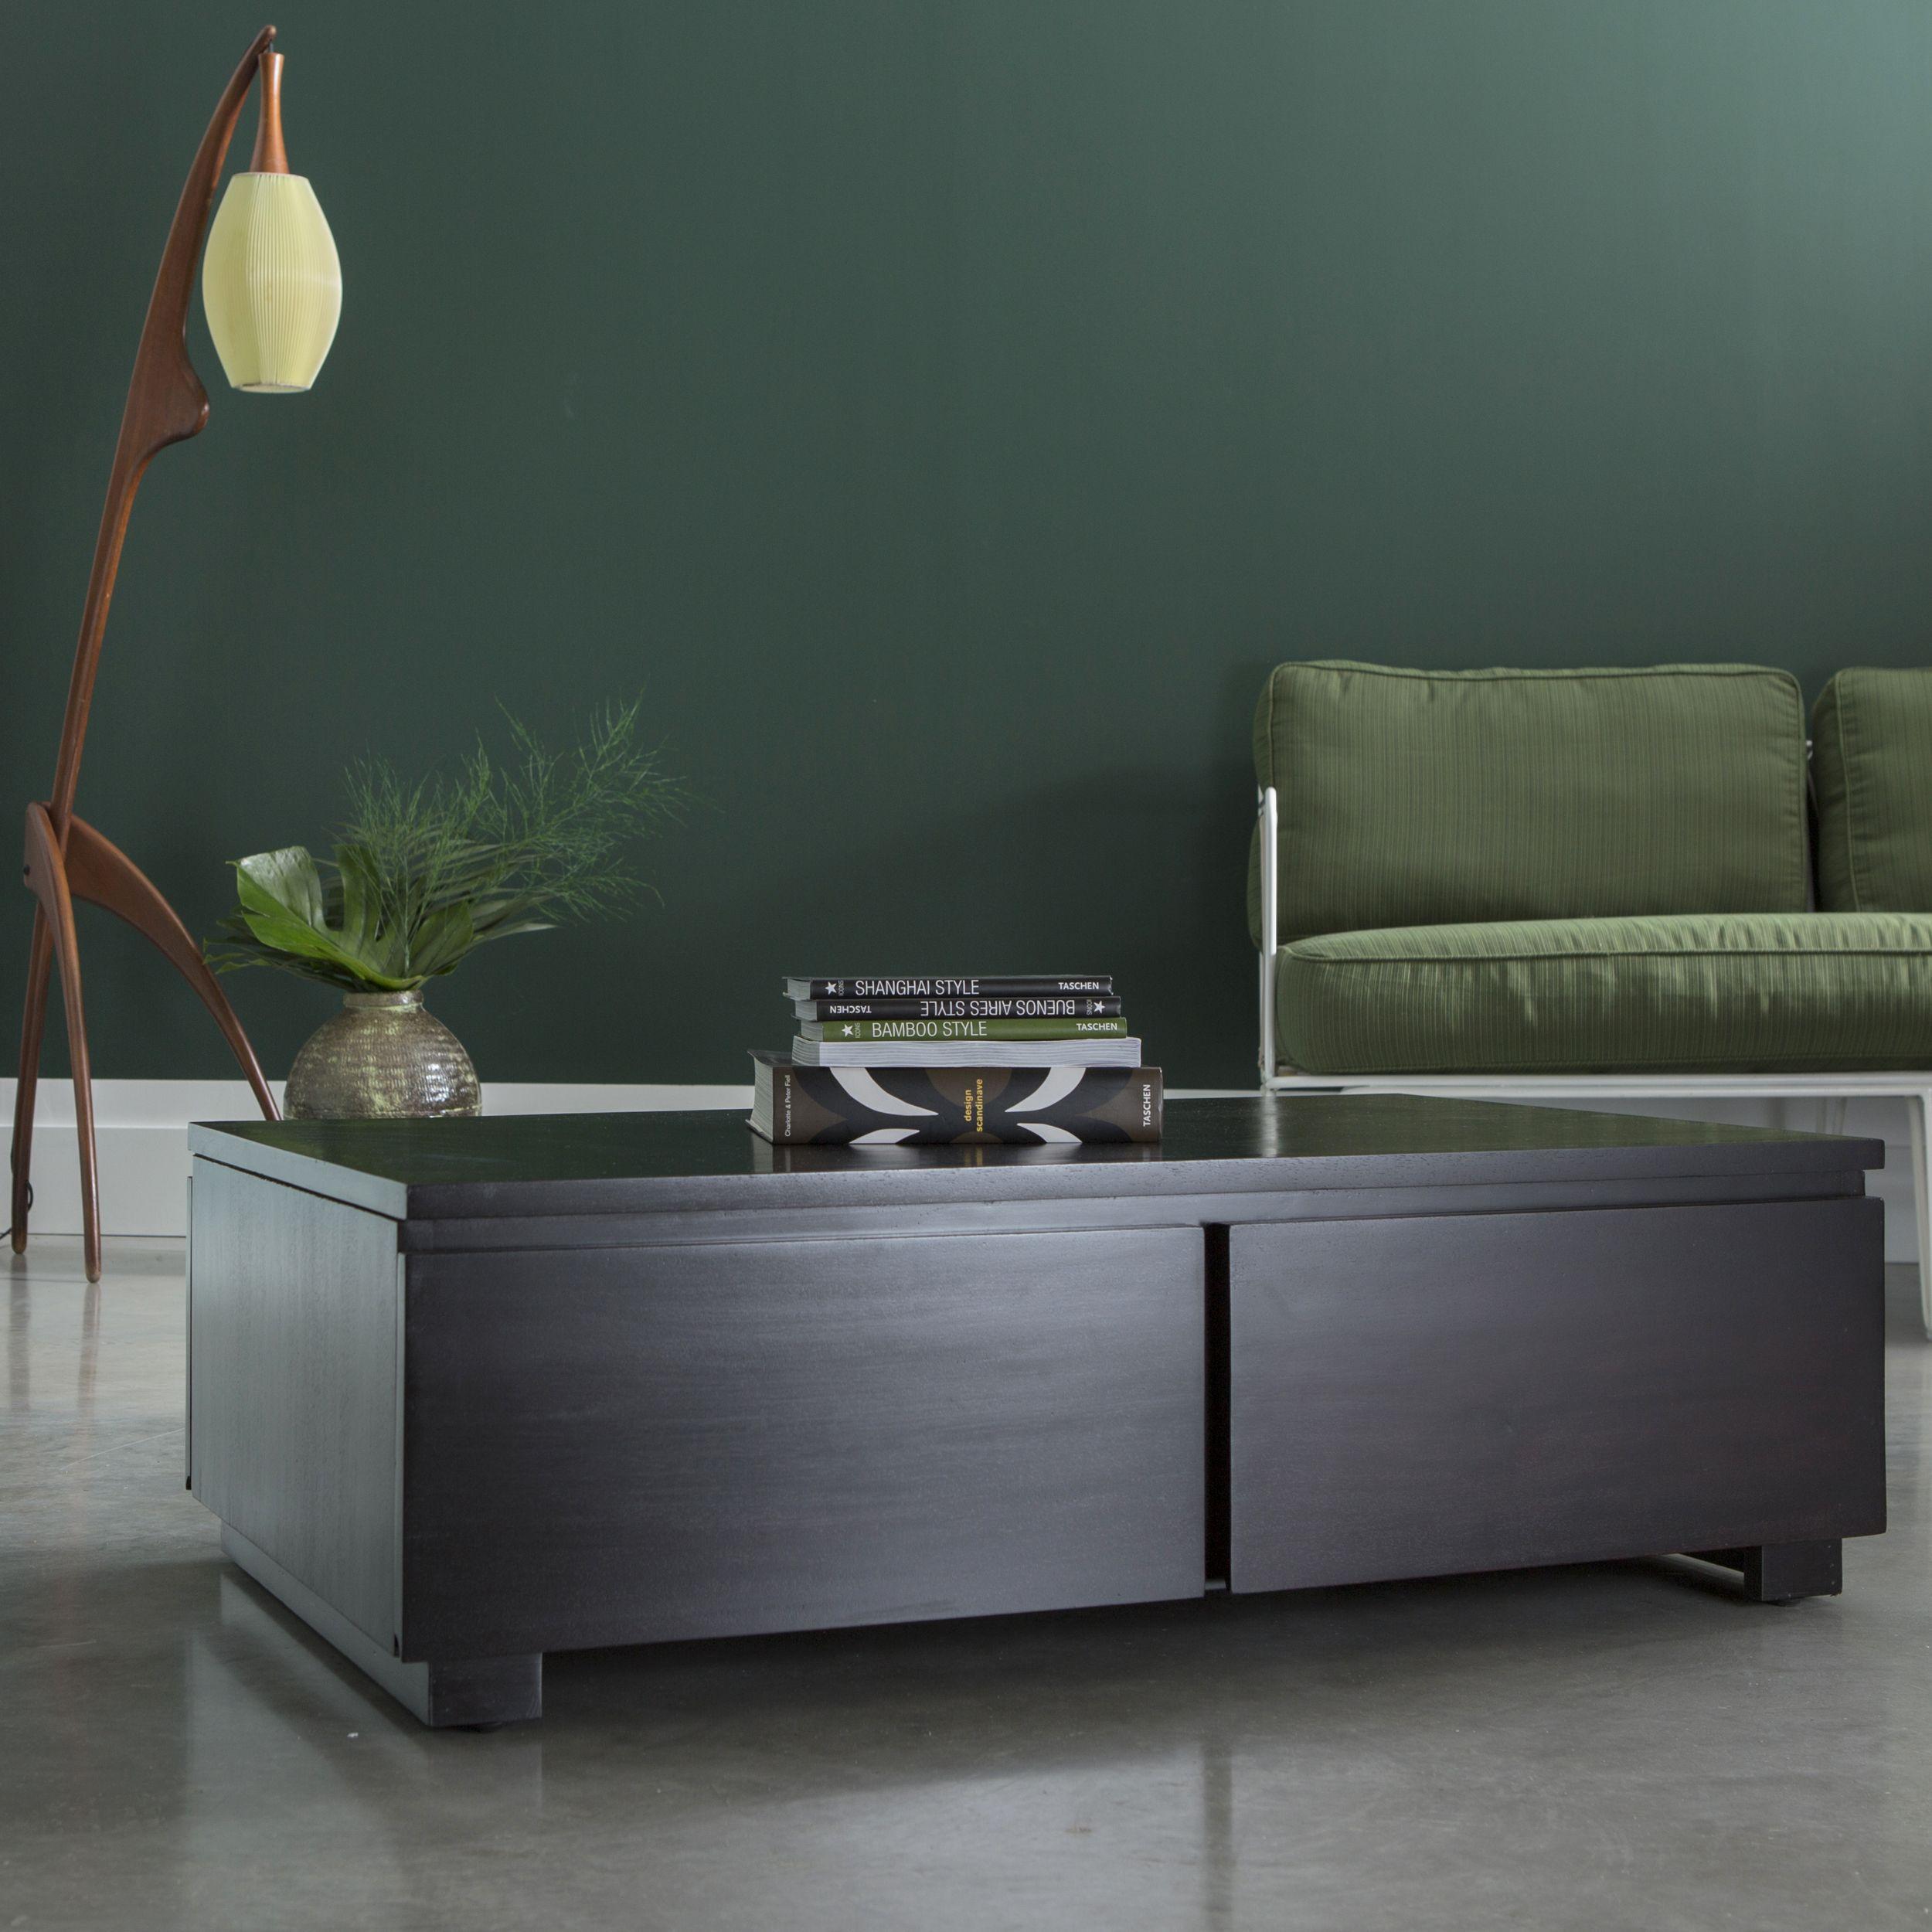 Table Basse En Acajou 100 X 60 Cm Mobilier Pour Le Salon Table Basse Table Basse Teck Table Basse Bois Massif